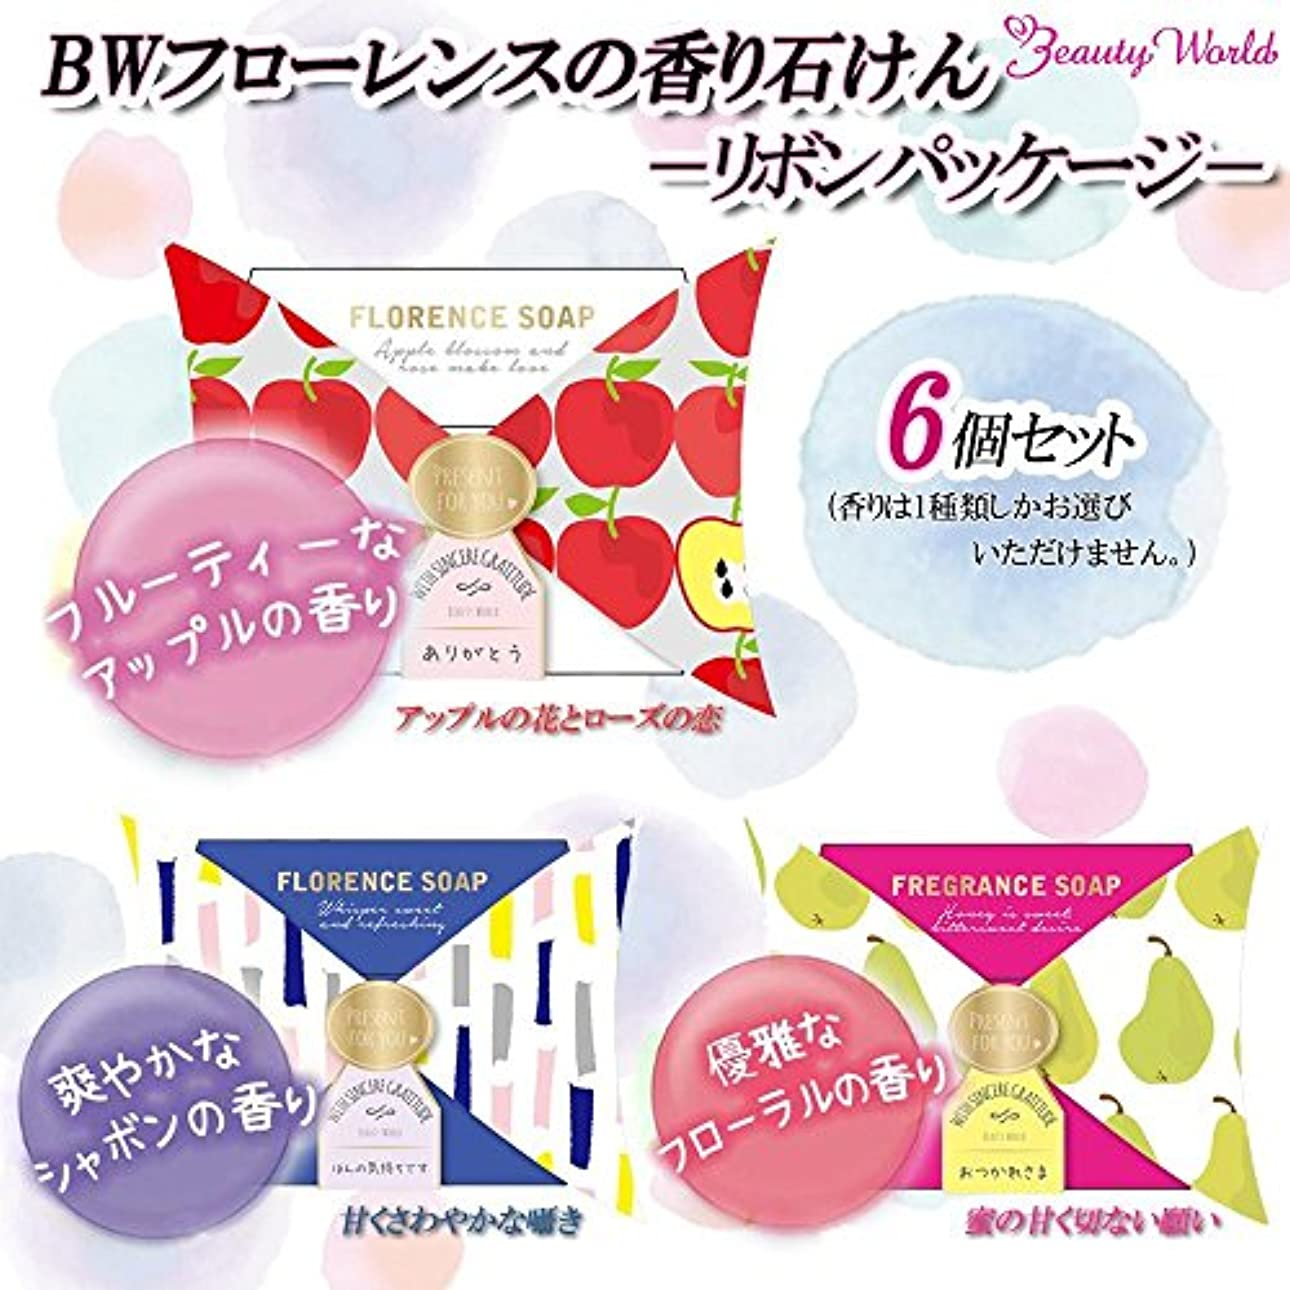 教育学水平パトロールビューティーワールド BWフローレンスの香り石けん リボンパッケージ 6個セット ■3種類の内「FSP385?甘くさわやかな囁き」を1点のみです